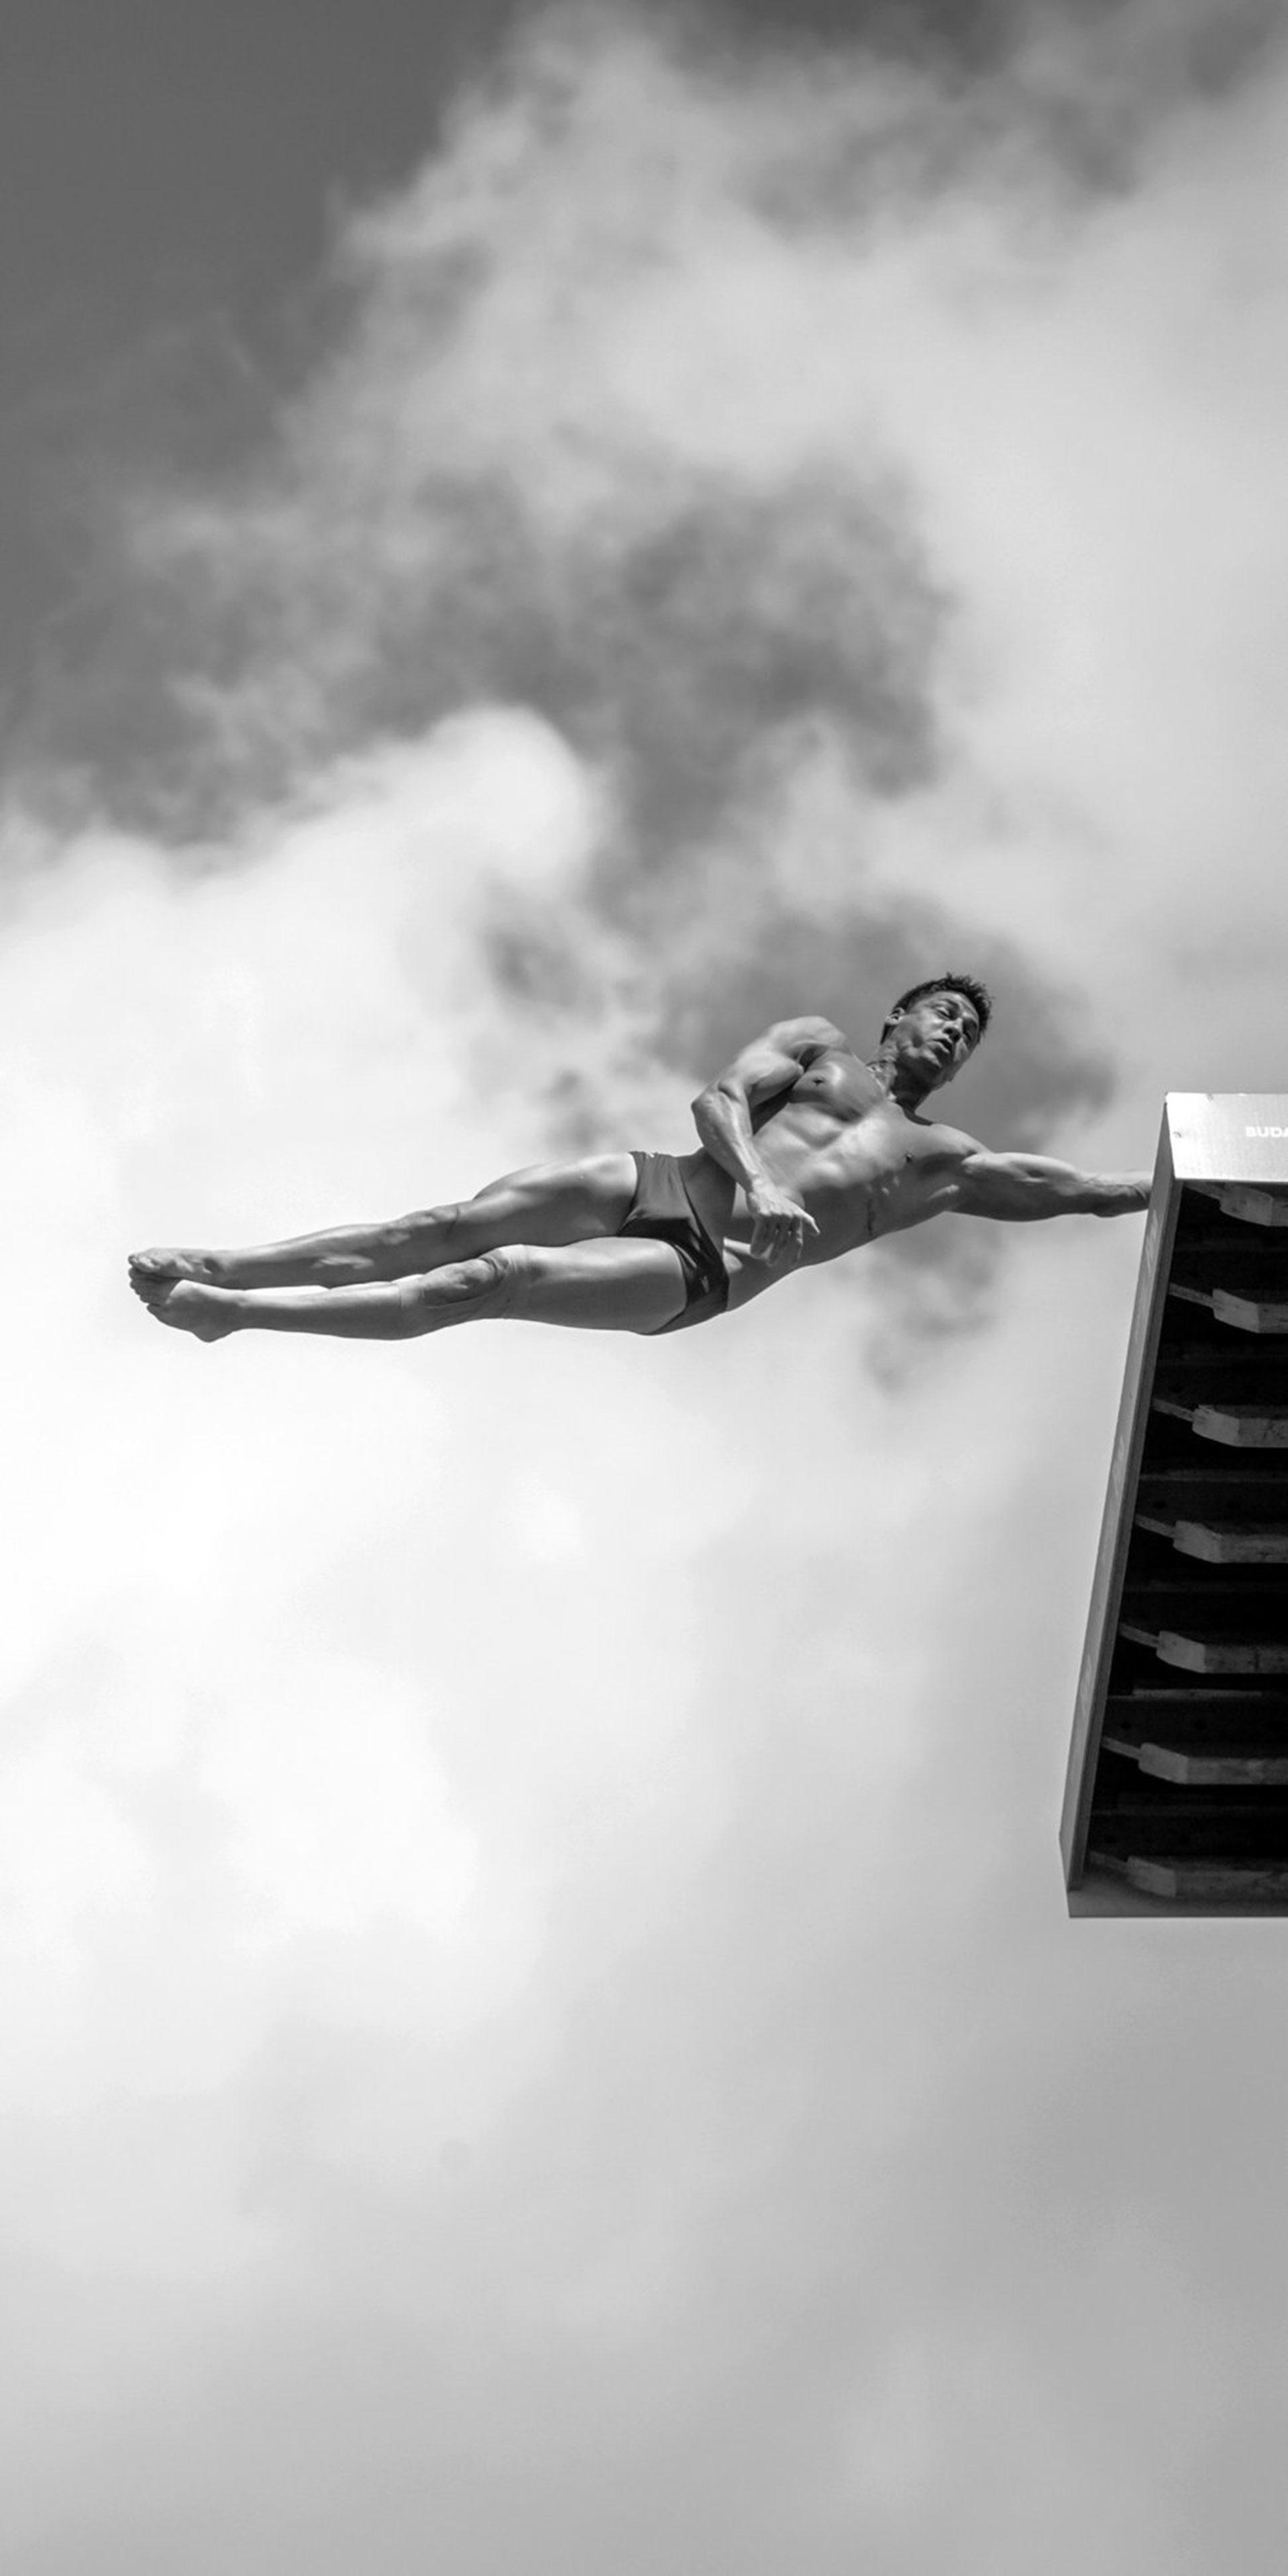 """Competencia """"Profesional"""" – Categoría """"Deportes"""": la competición de alto nivel en el 17º Campeonato del Mundo de FINA. (Gentileza Sony World Photography Awards)"""